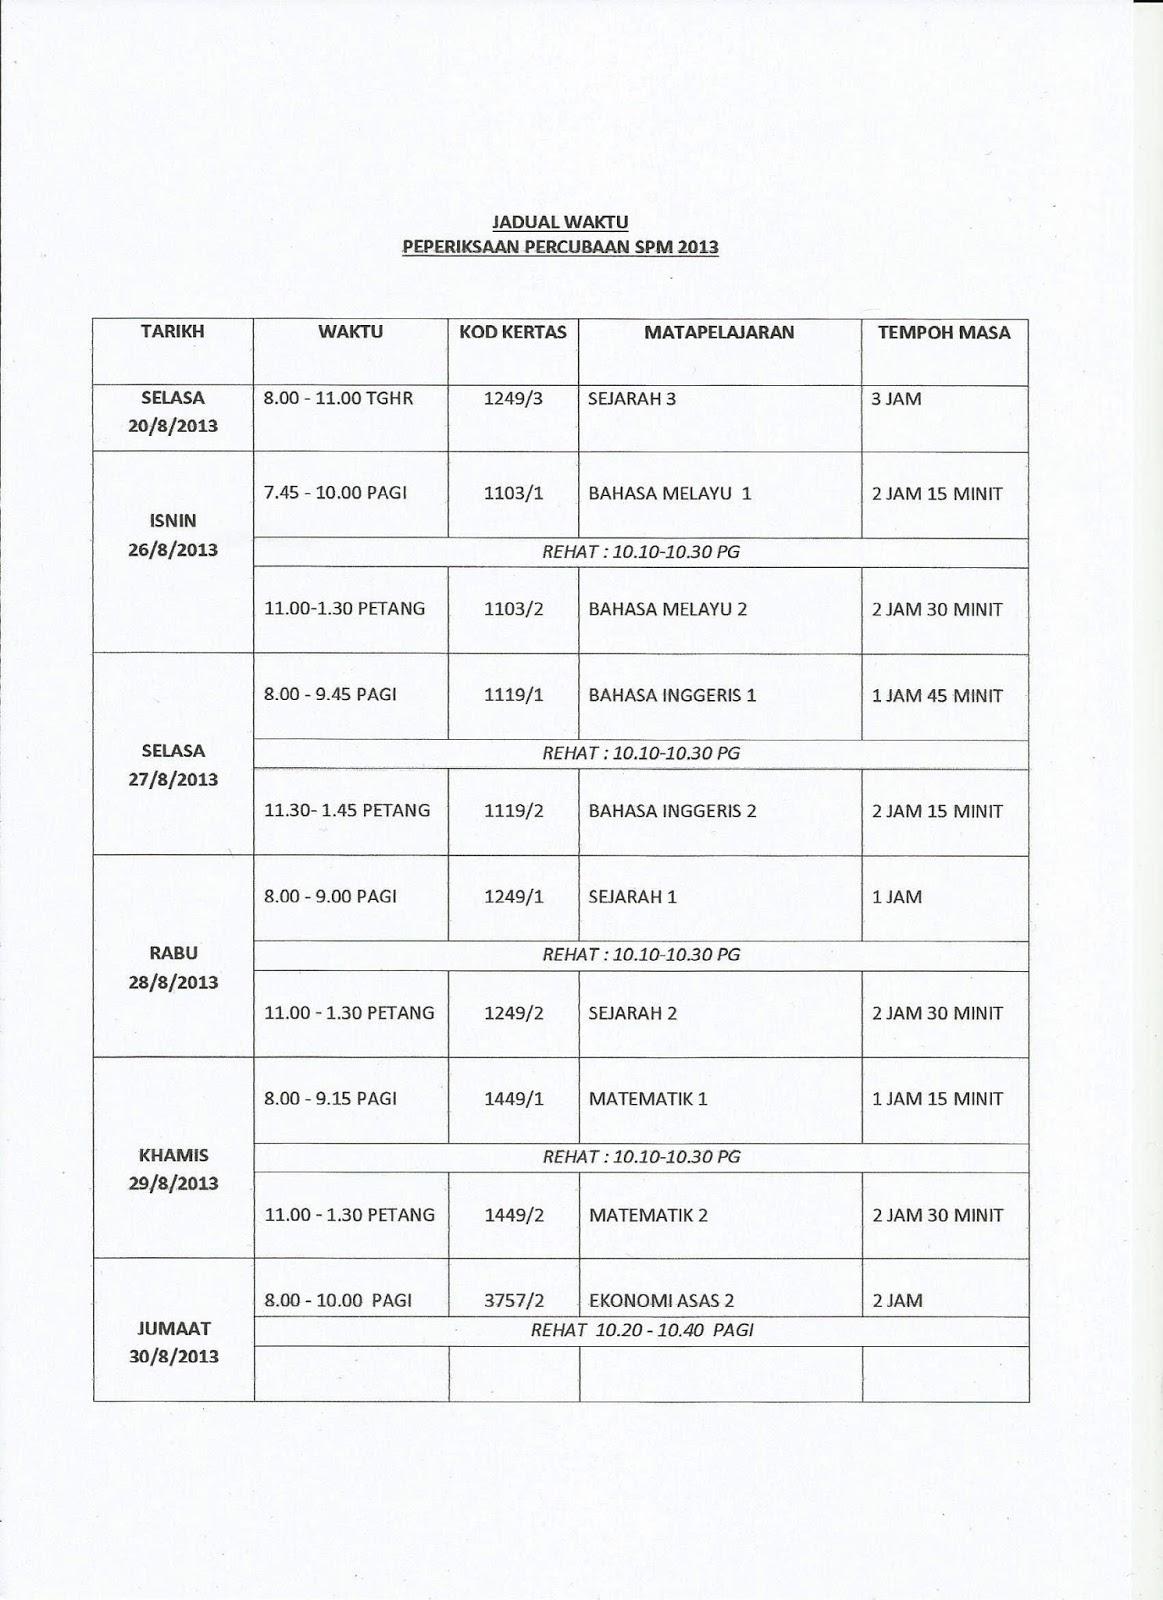 Jadual Waktu Peperiksaan Percubaan SPM 2013 SMKTDA